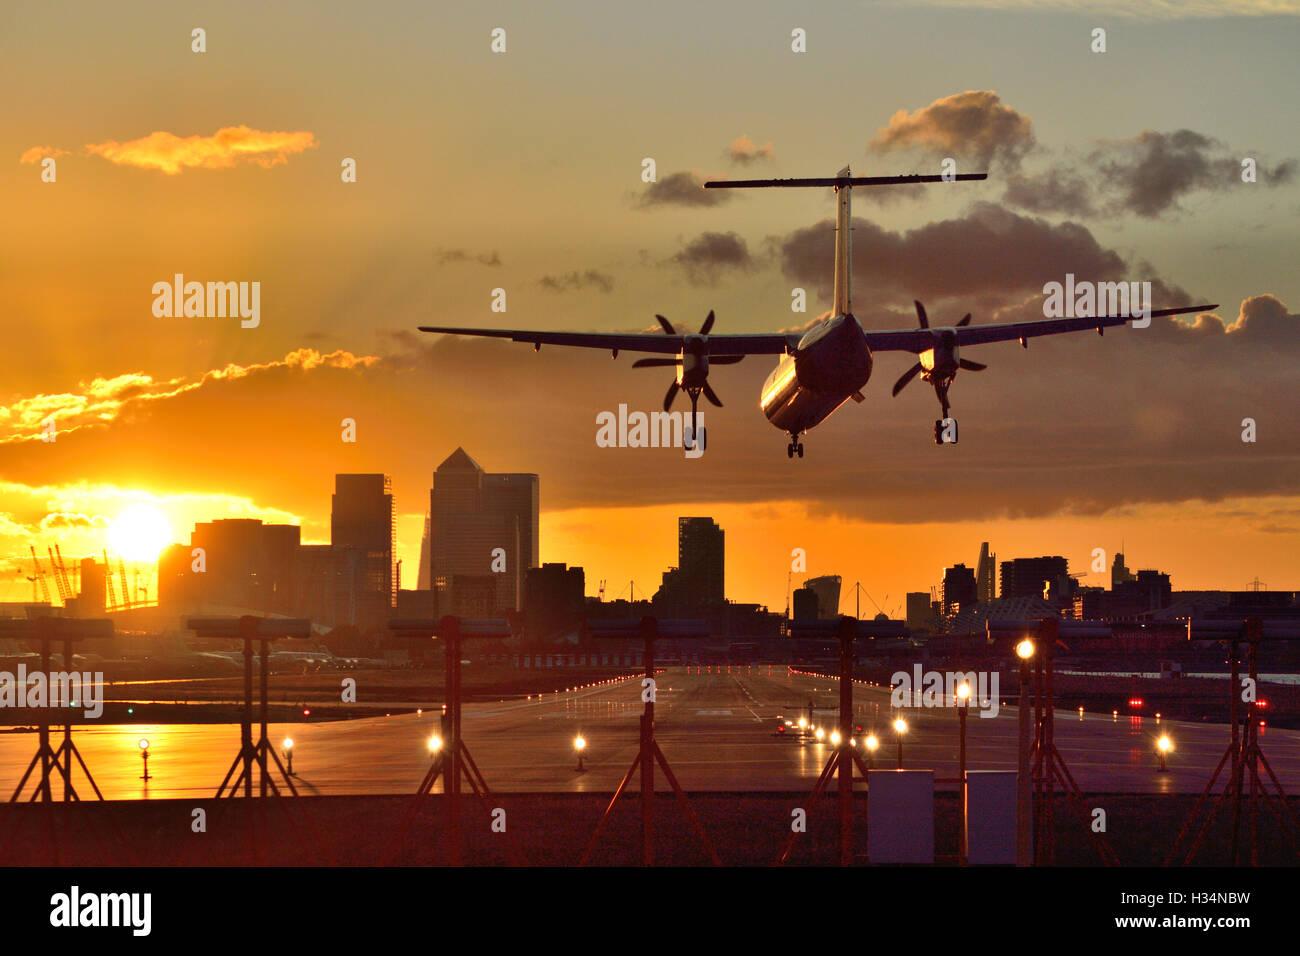 FlyBe Dash-8 kommt am London City Airport zu landen, wenn die Sonne untergeht. Stockfoto